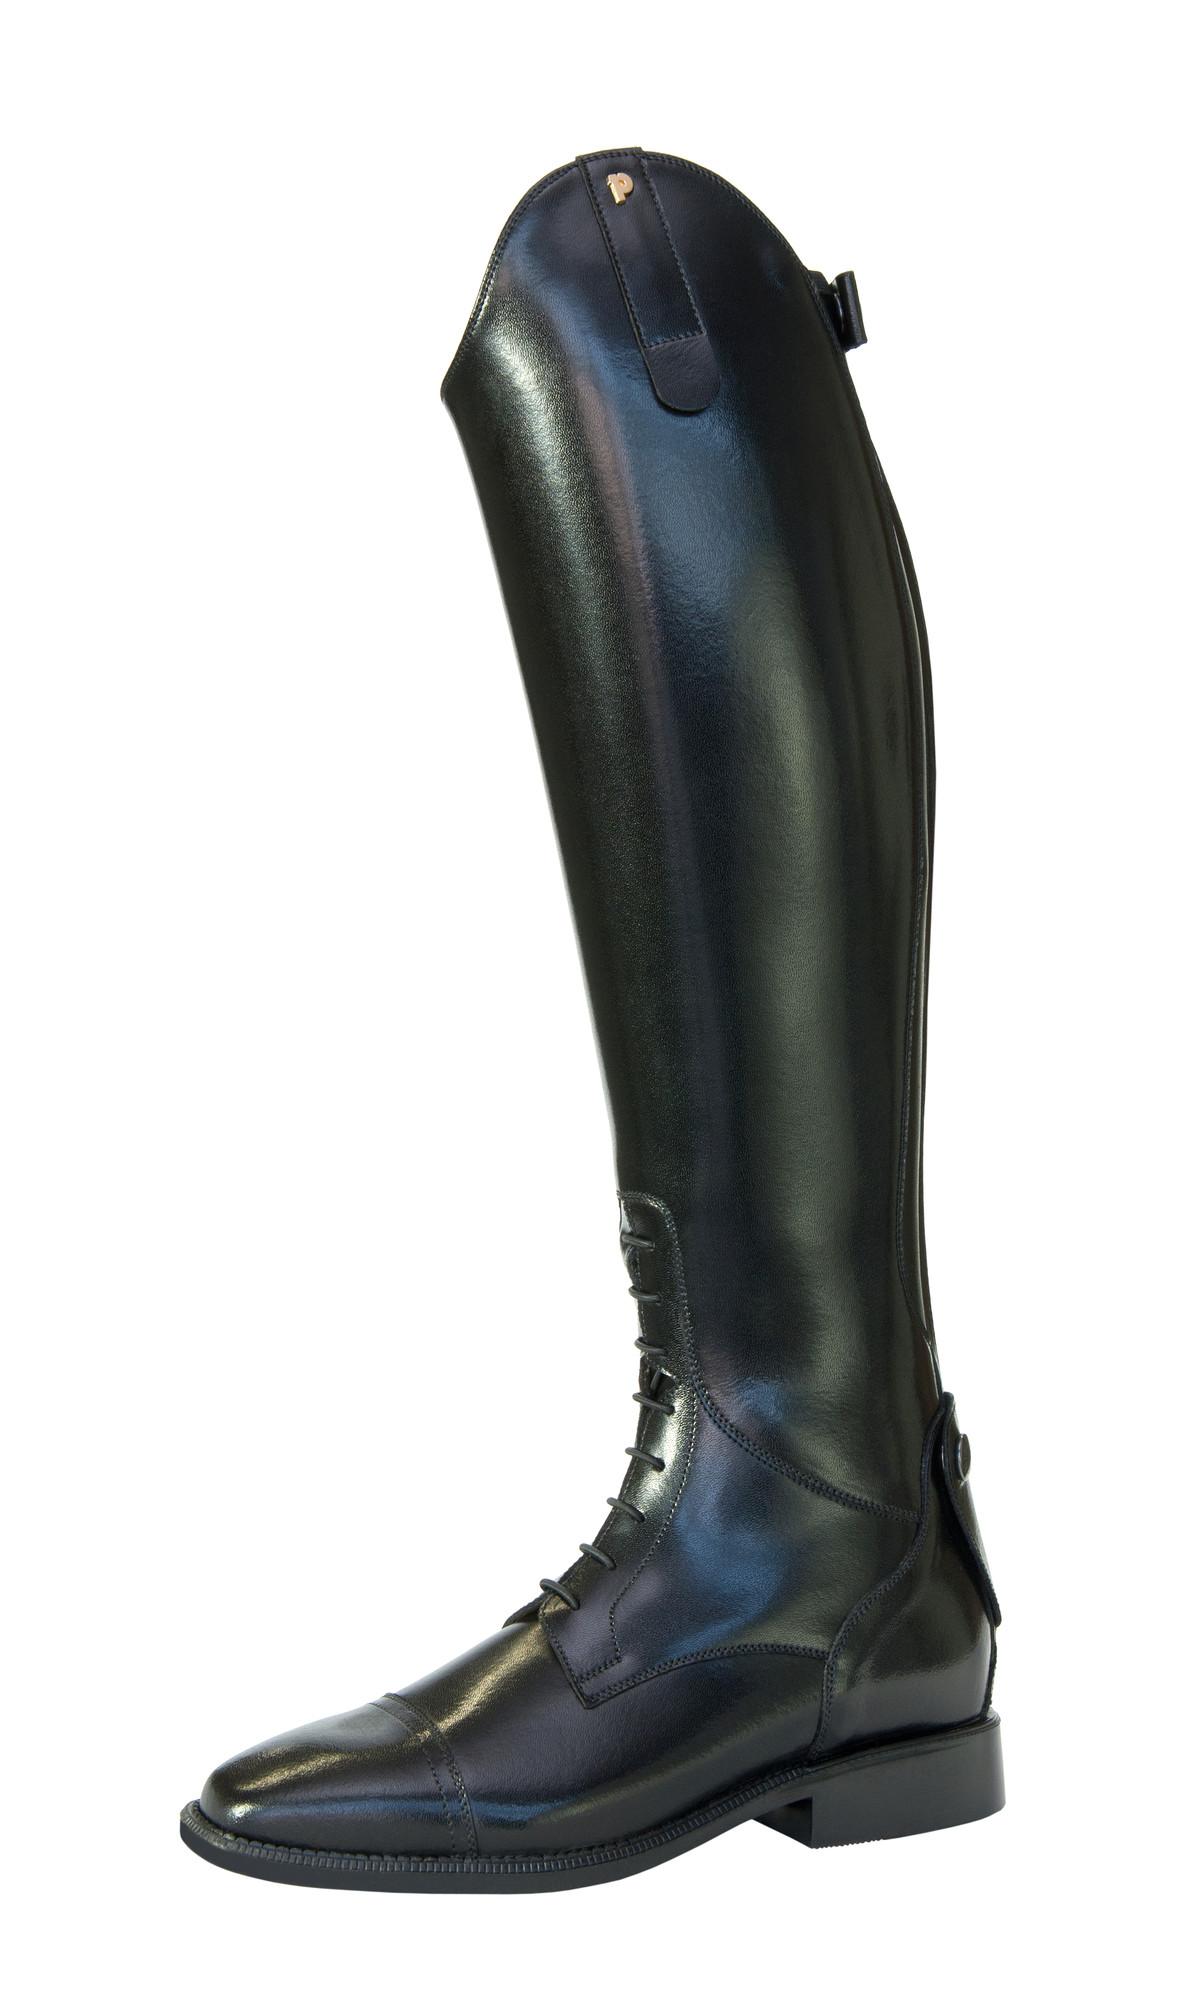 Petrie Melbourne rijlaars zwart maat:8.5 n